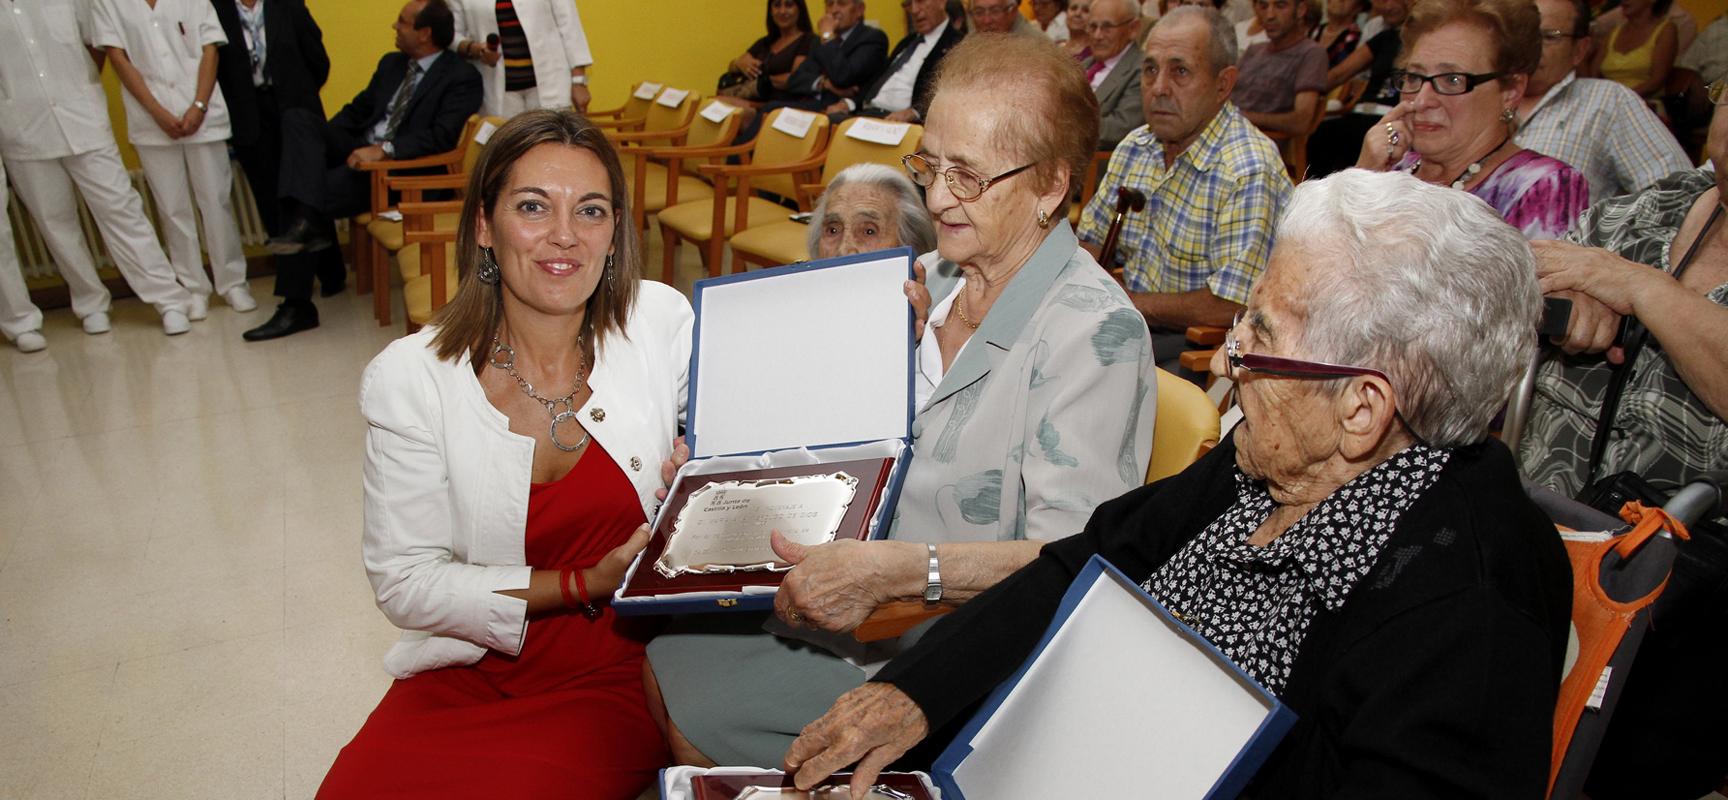 Milagros Marcos, en una imagen de archivo, junto a dos usuarias del Centro de Día en el Día del Mayor.